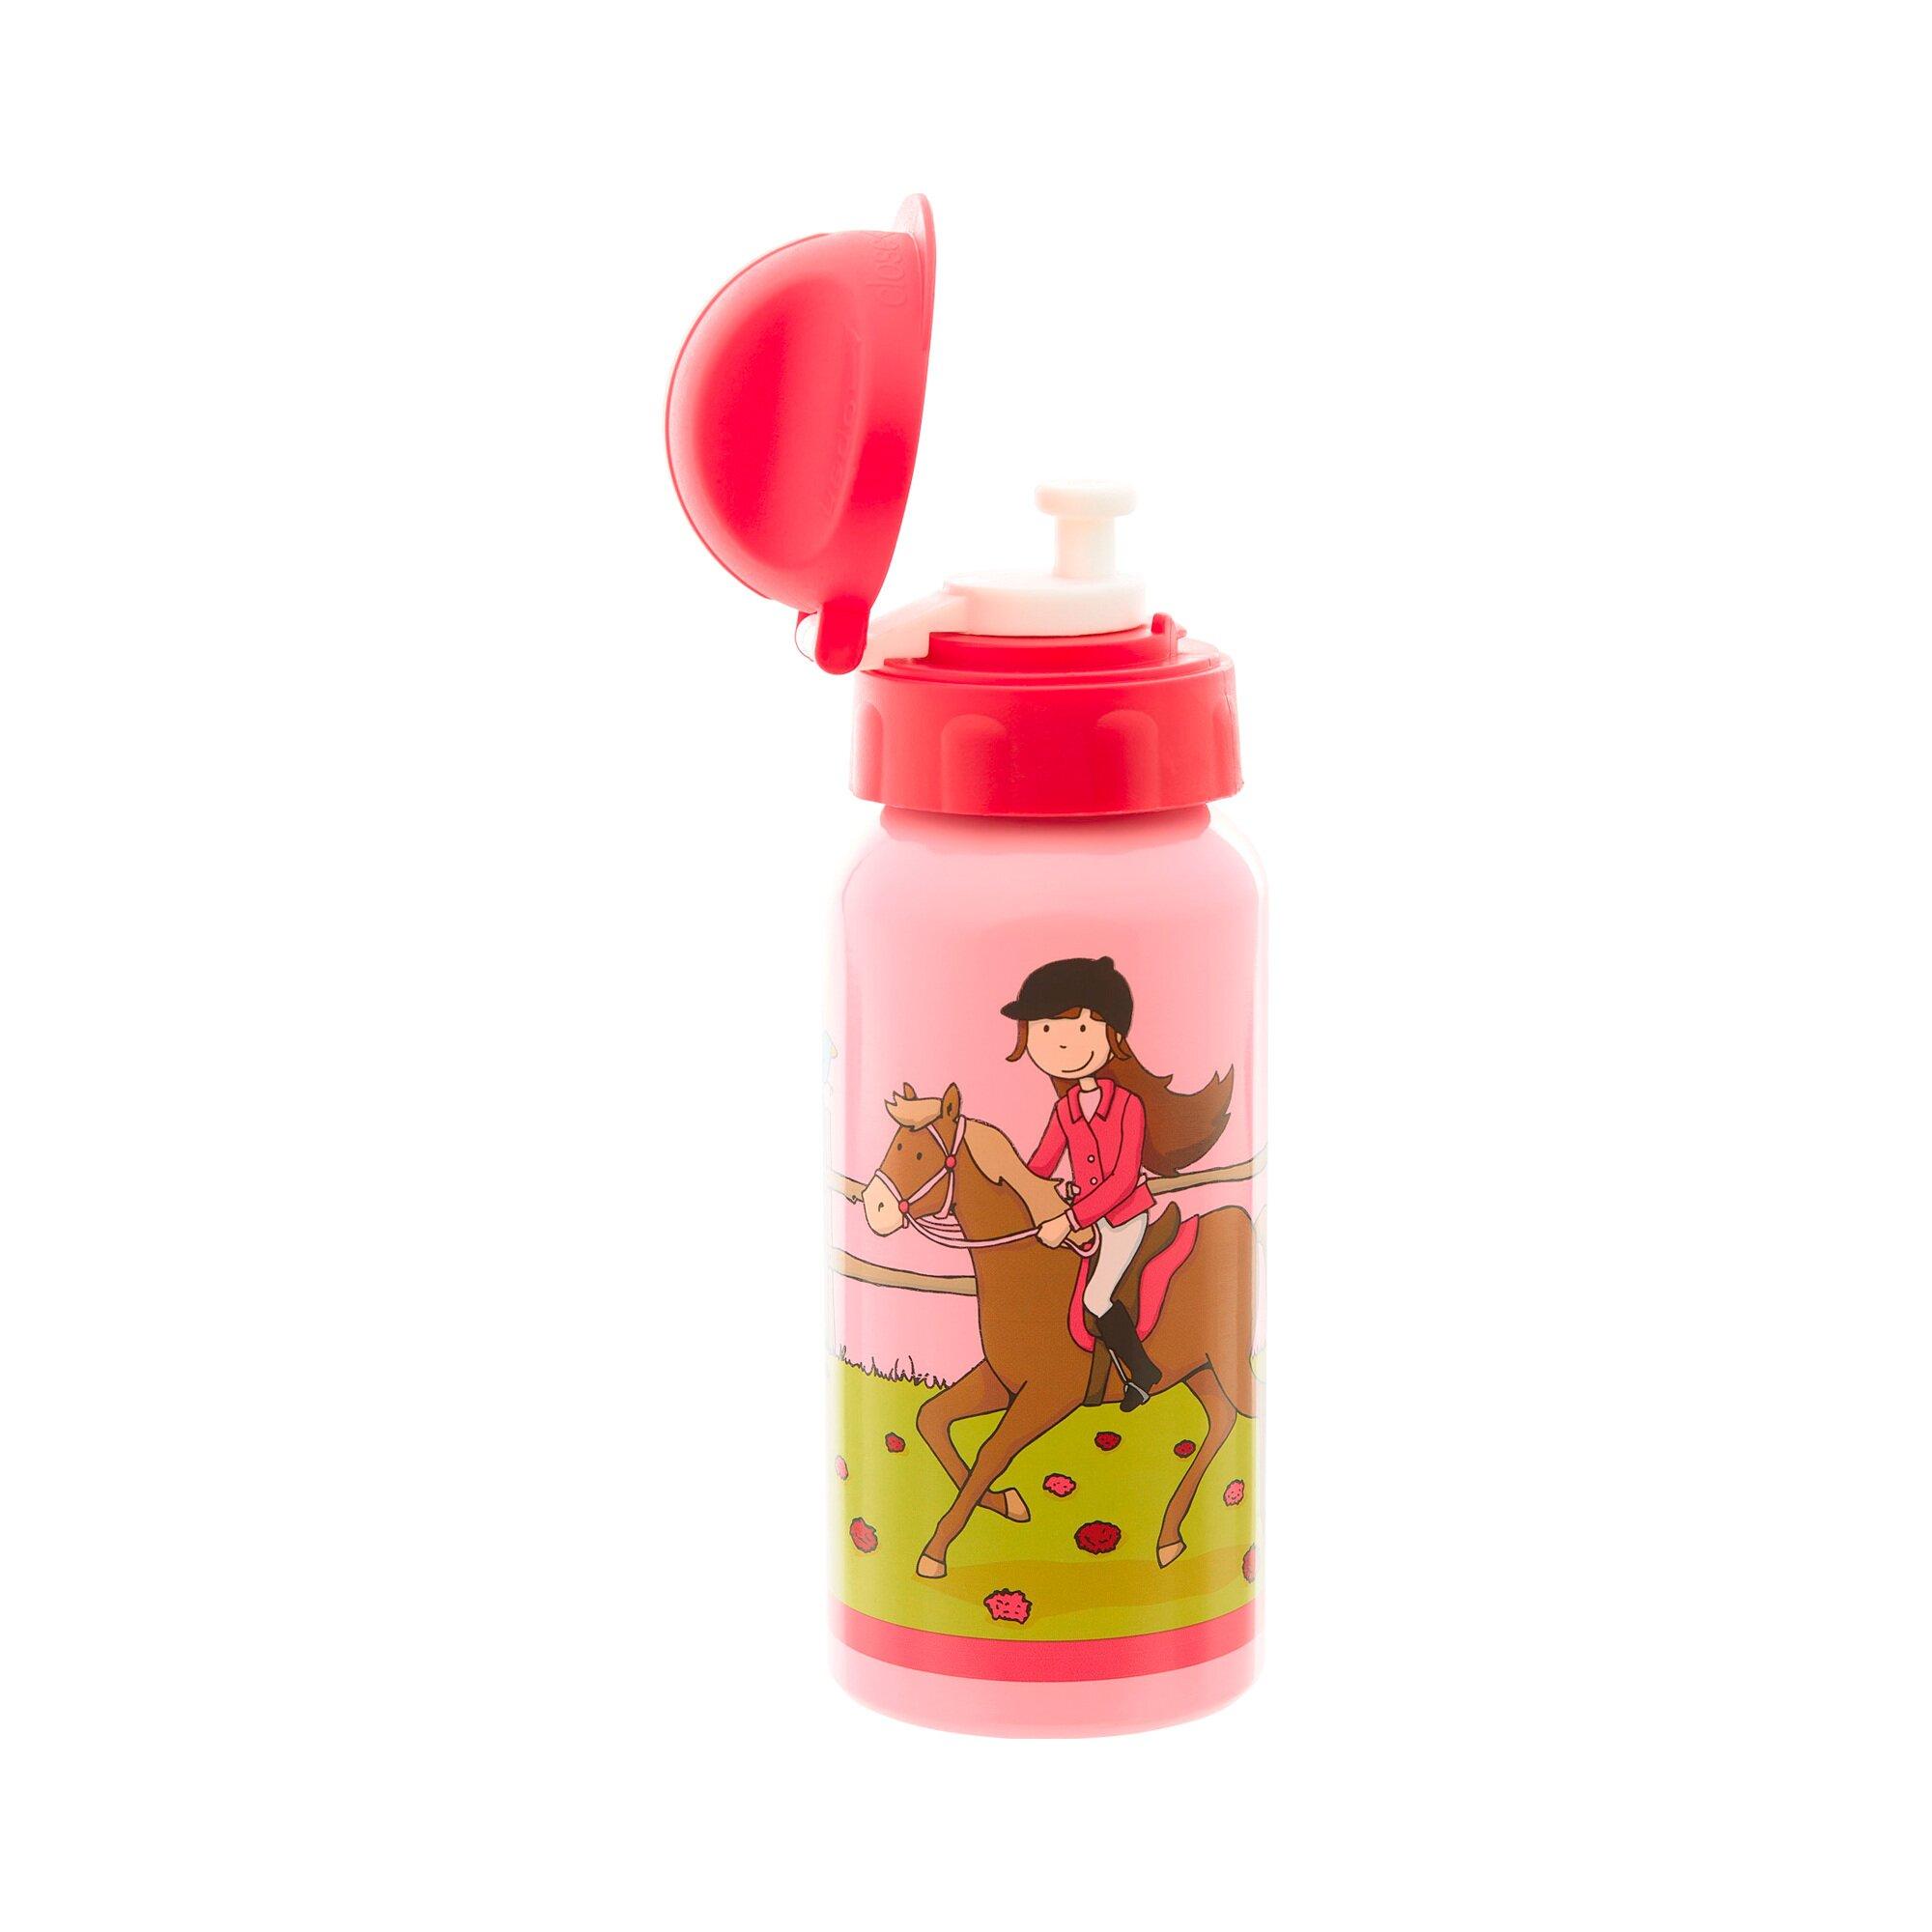 sigikid-trinkflasche-gina-galopp, 9.99 EUR @ babywalz-de